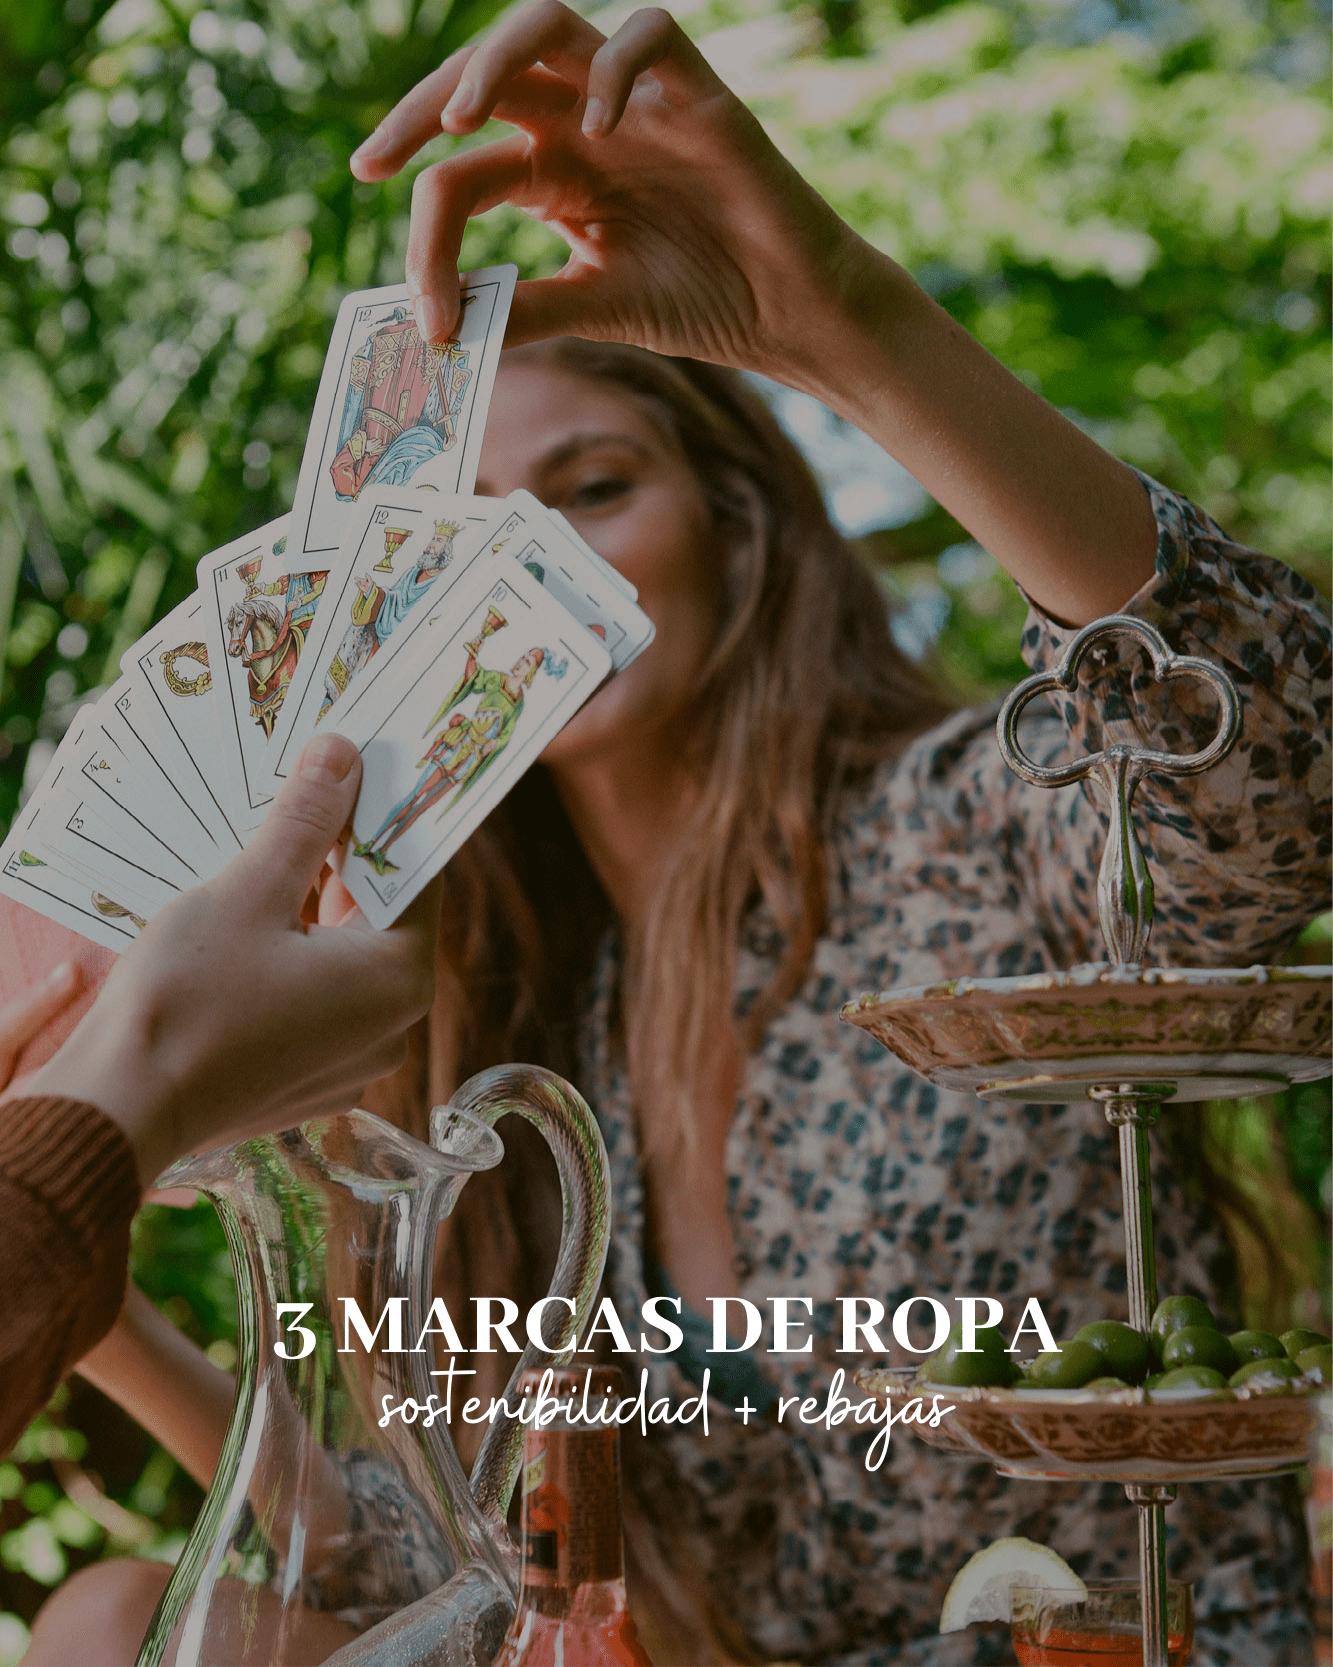 3 Marcas de ropa sostenibles de rebajas y españolas.